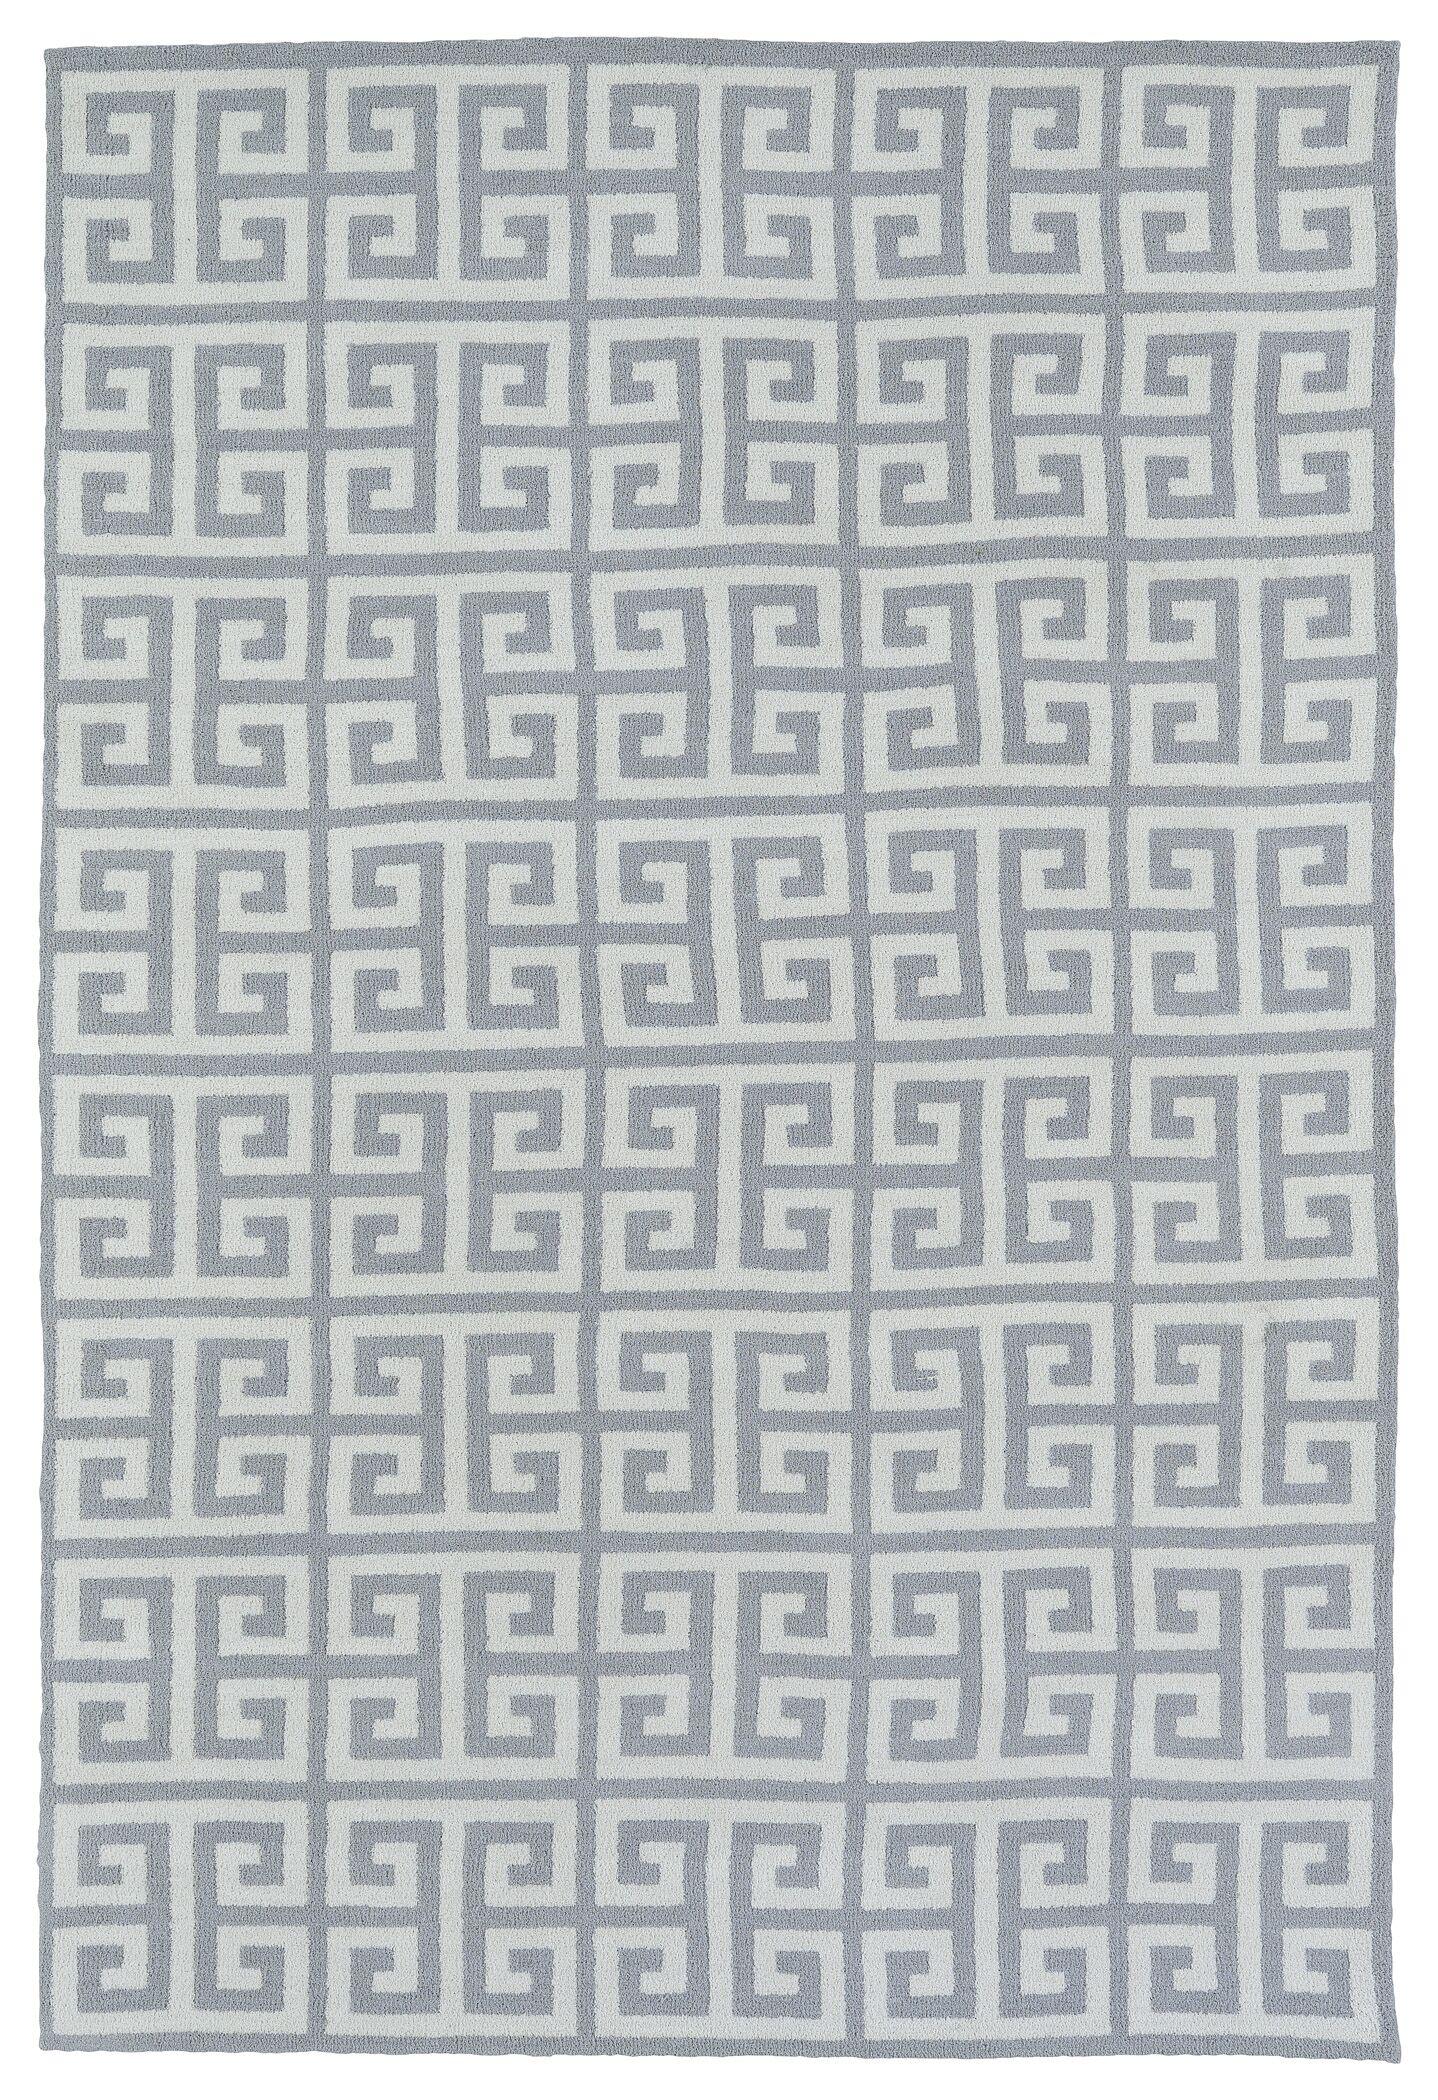 Aaron Gray Area Rug Rug Size: Rectangle 3' x 5'